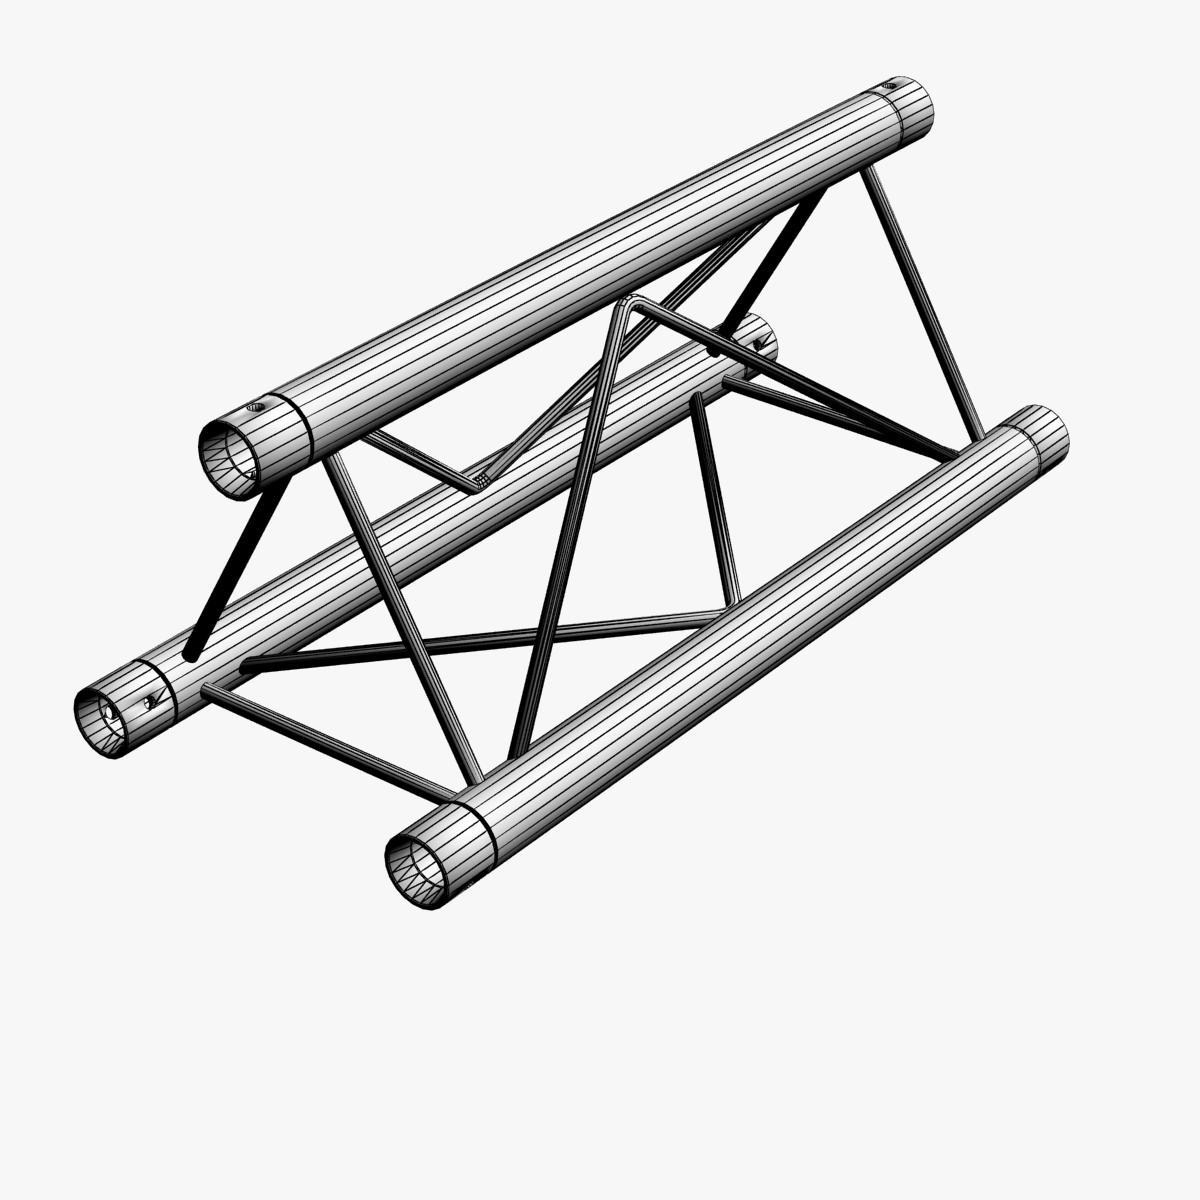 Mini Triangular Truss Straight Segment 111 3d model 3ds max dxf fbx c4d   obj 268876